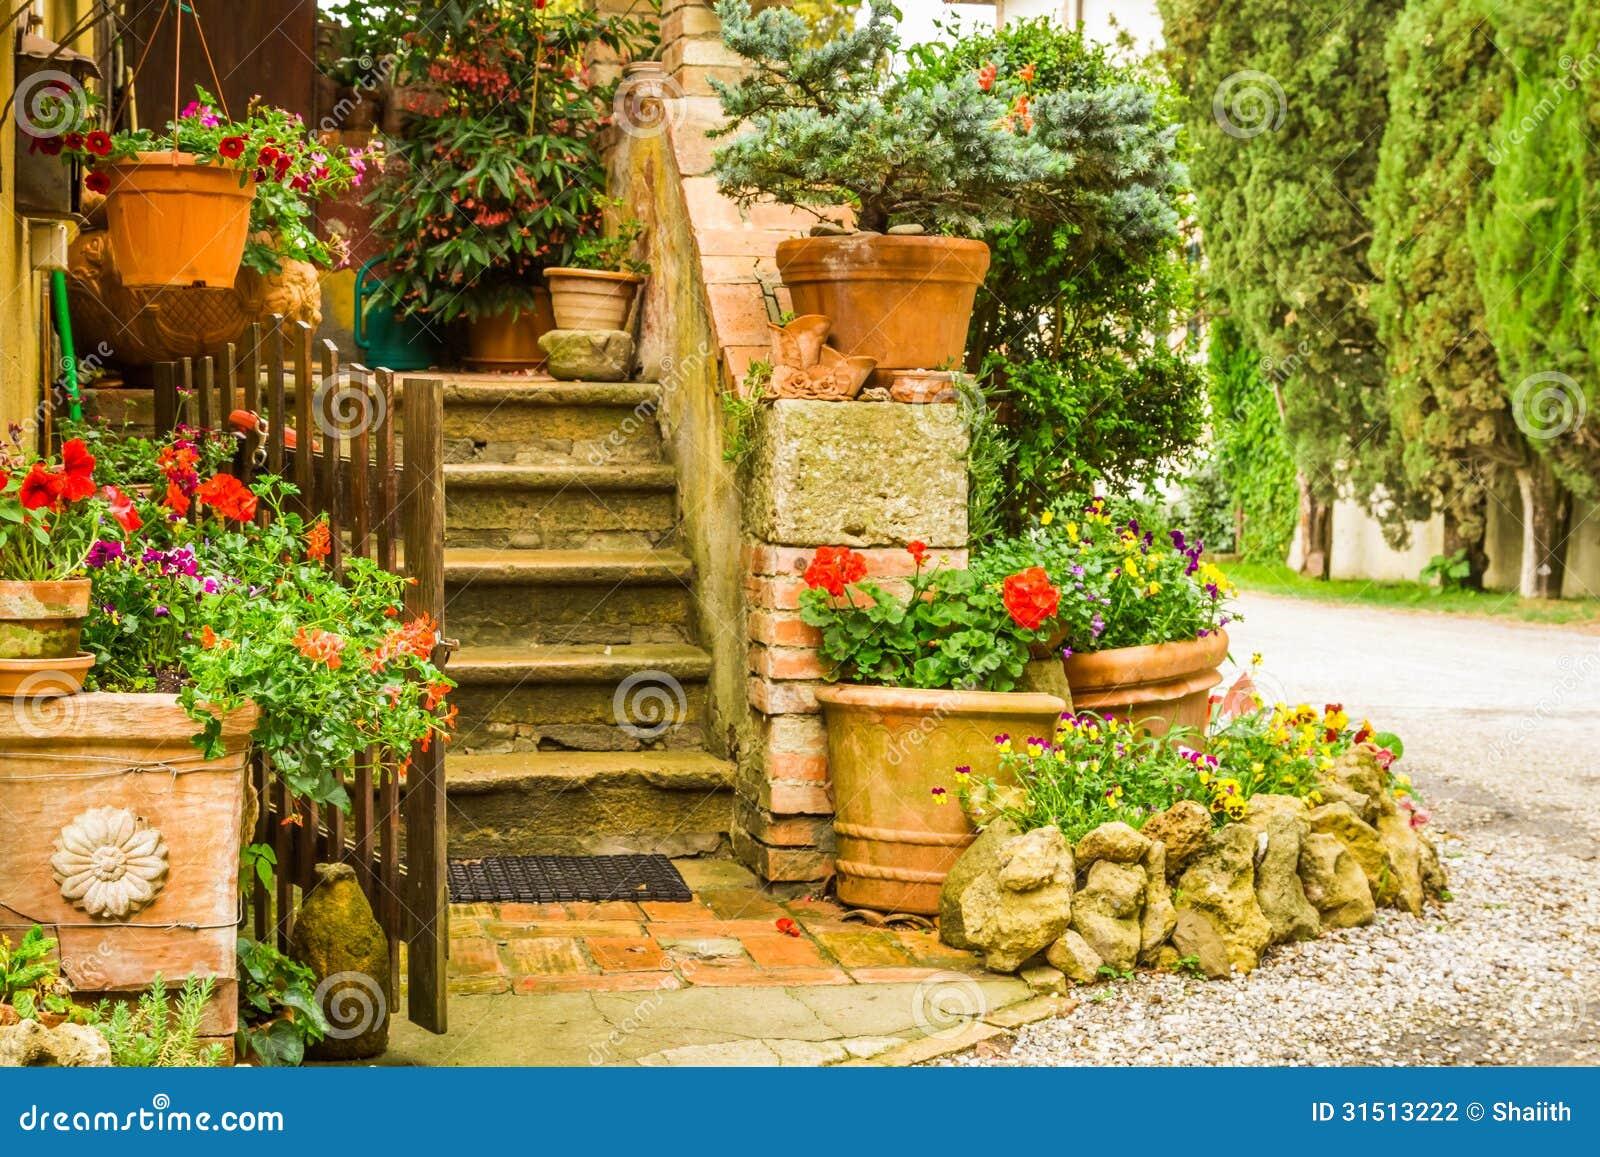 belle entre dcore une maison dans la campagne photographie - Belles Entree De Maison